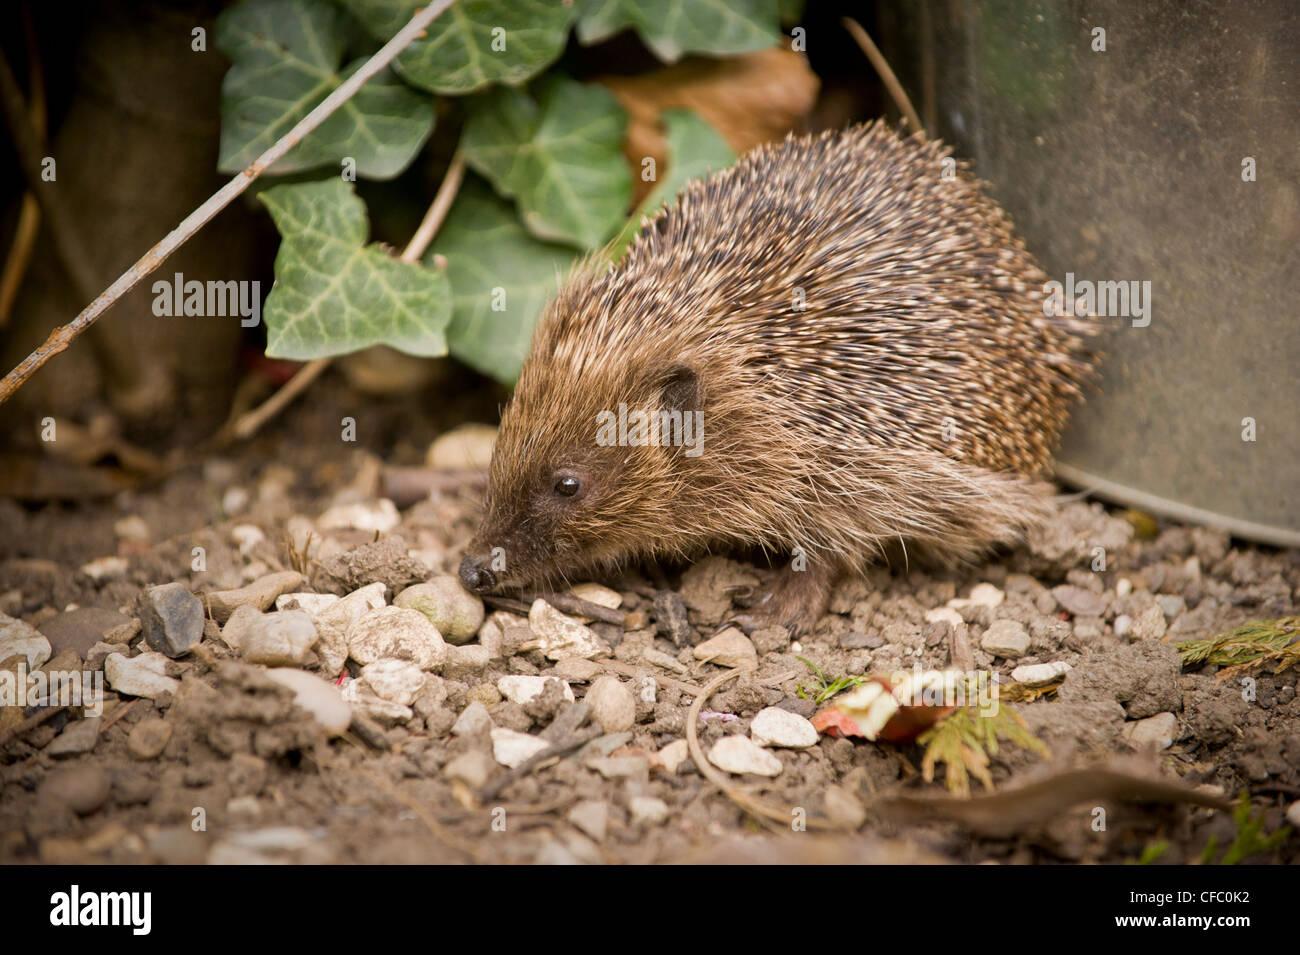 Hedgehog in domestic garden - Stock Image